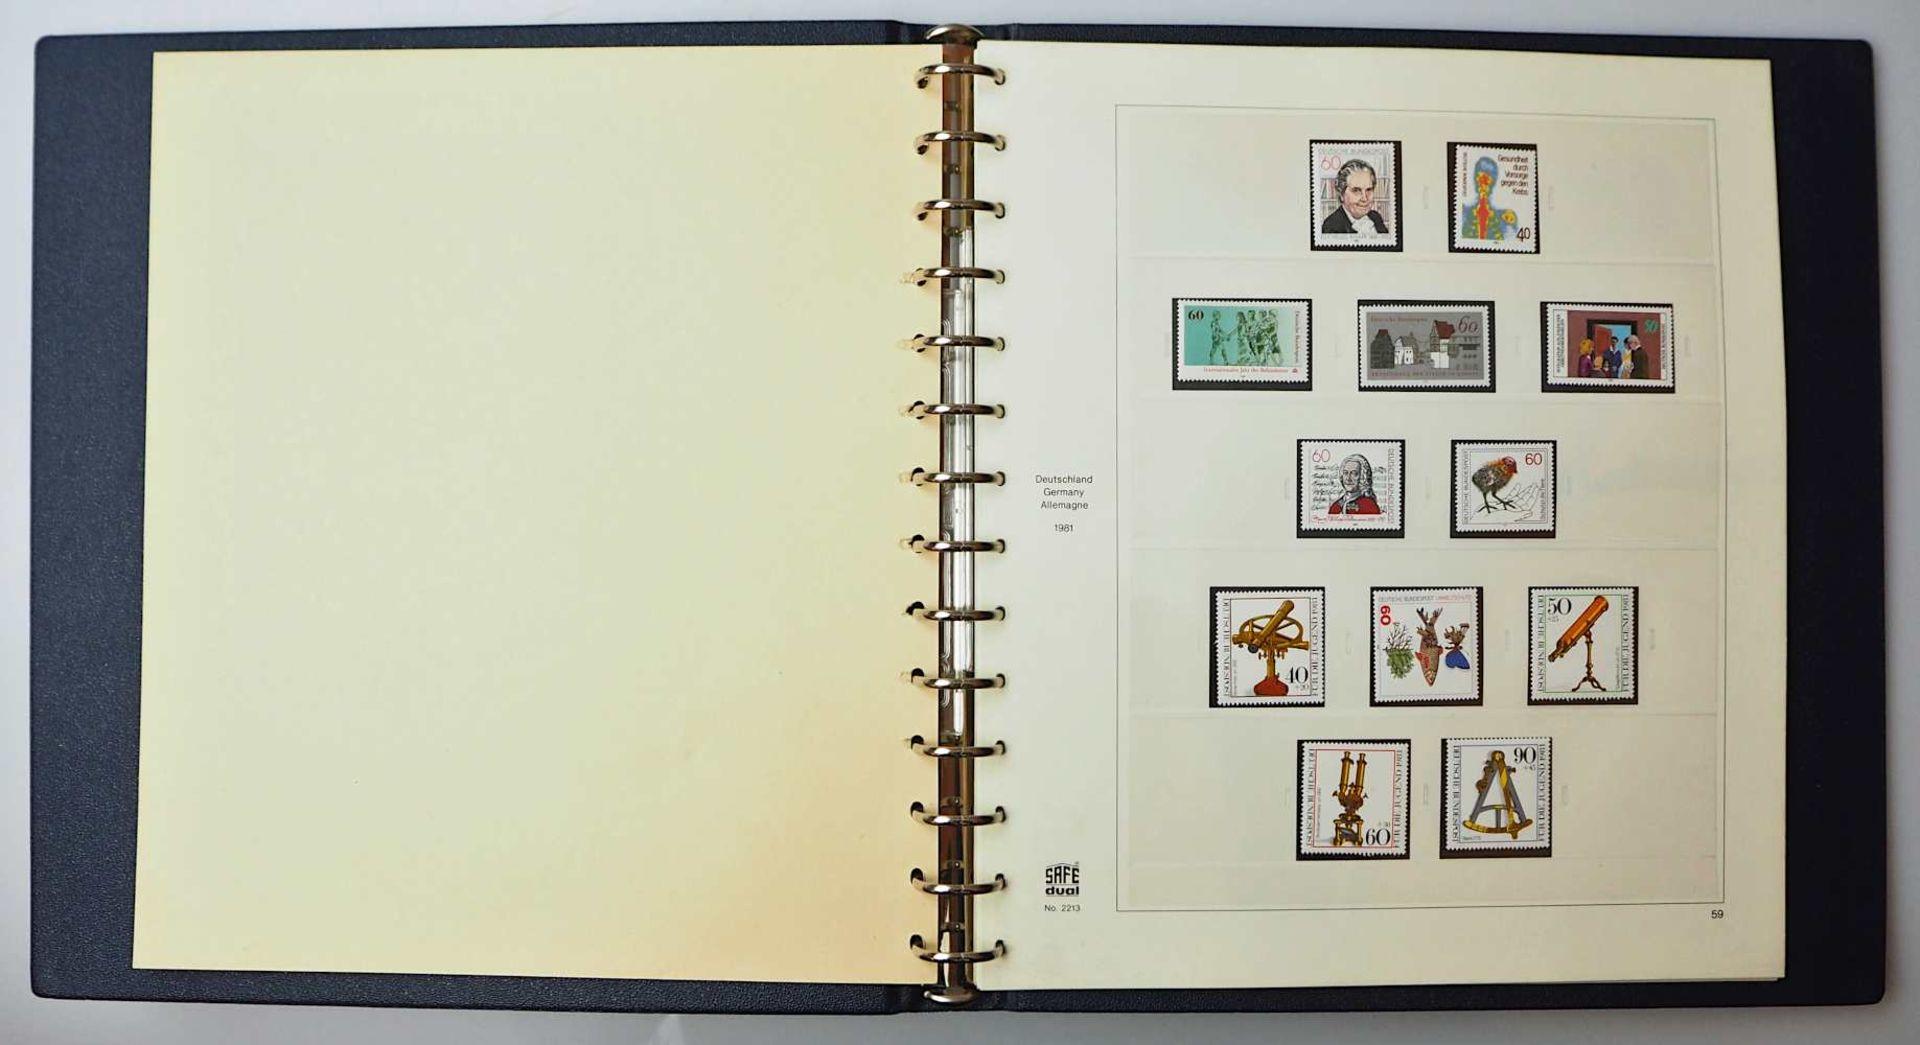 1 Konv. Briefmarken in 3 Alben, 2. Hälfte 20. Jh.: BRD, Alle Welt, z.T. Sondermarken - Bild 3 aus 4